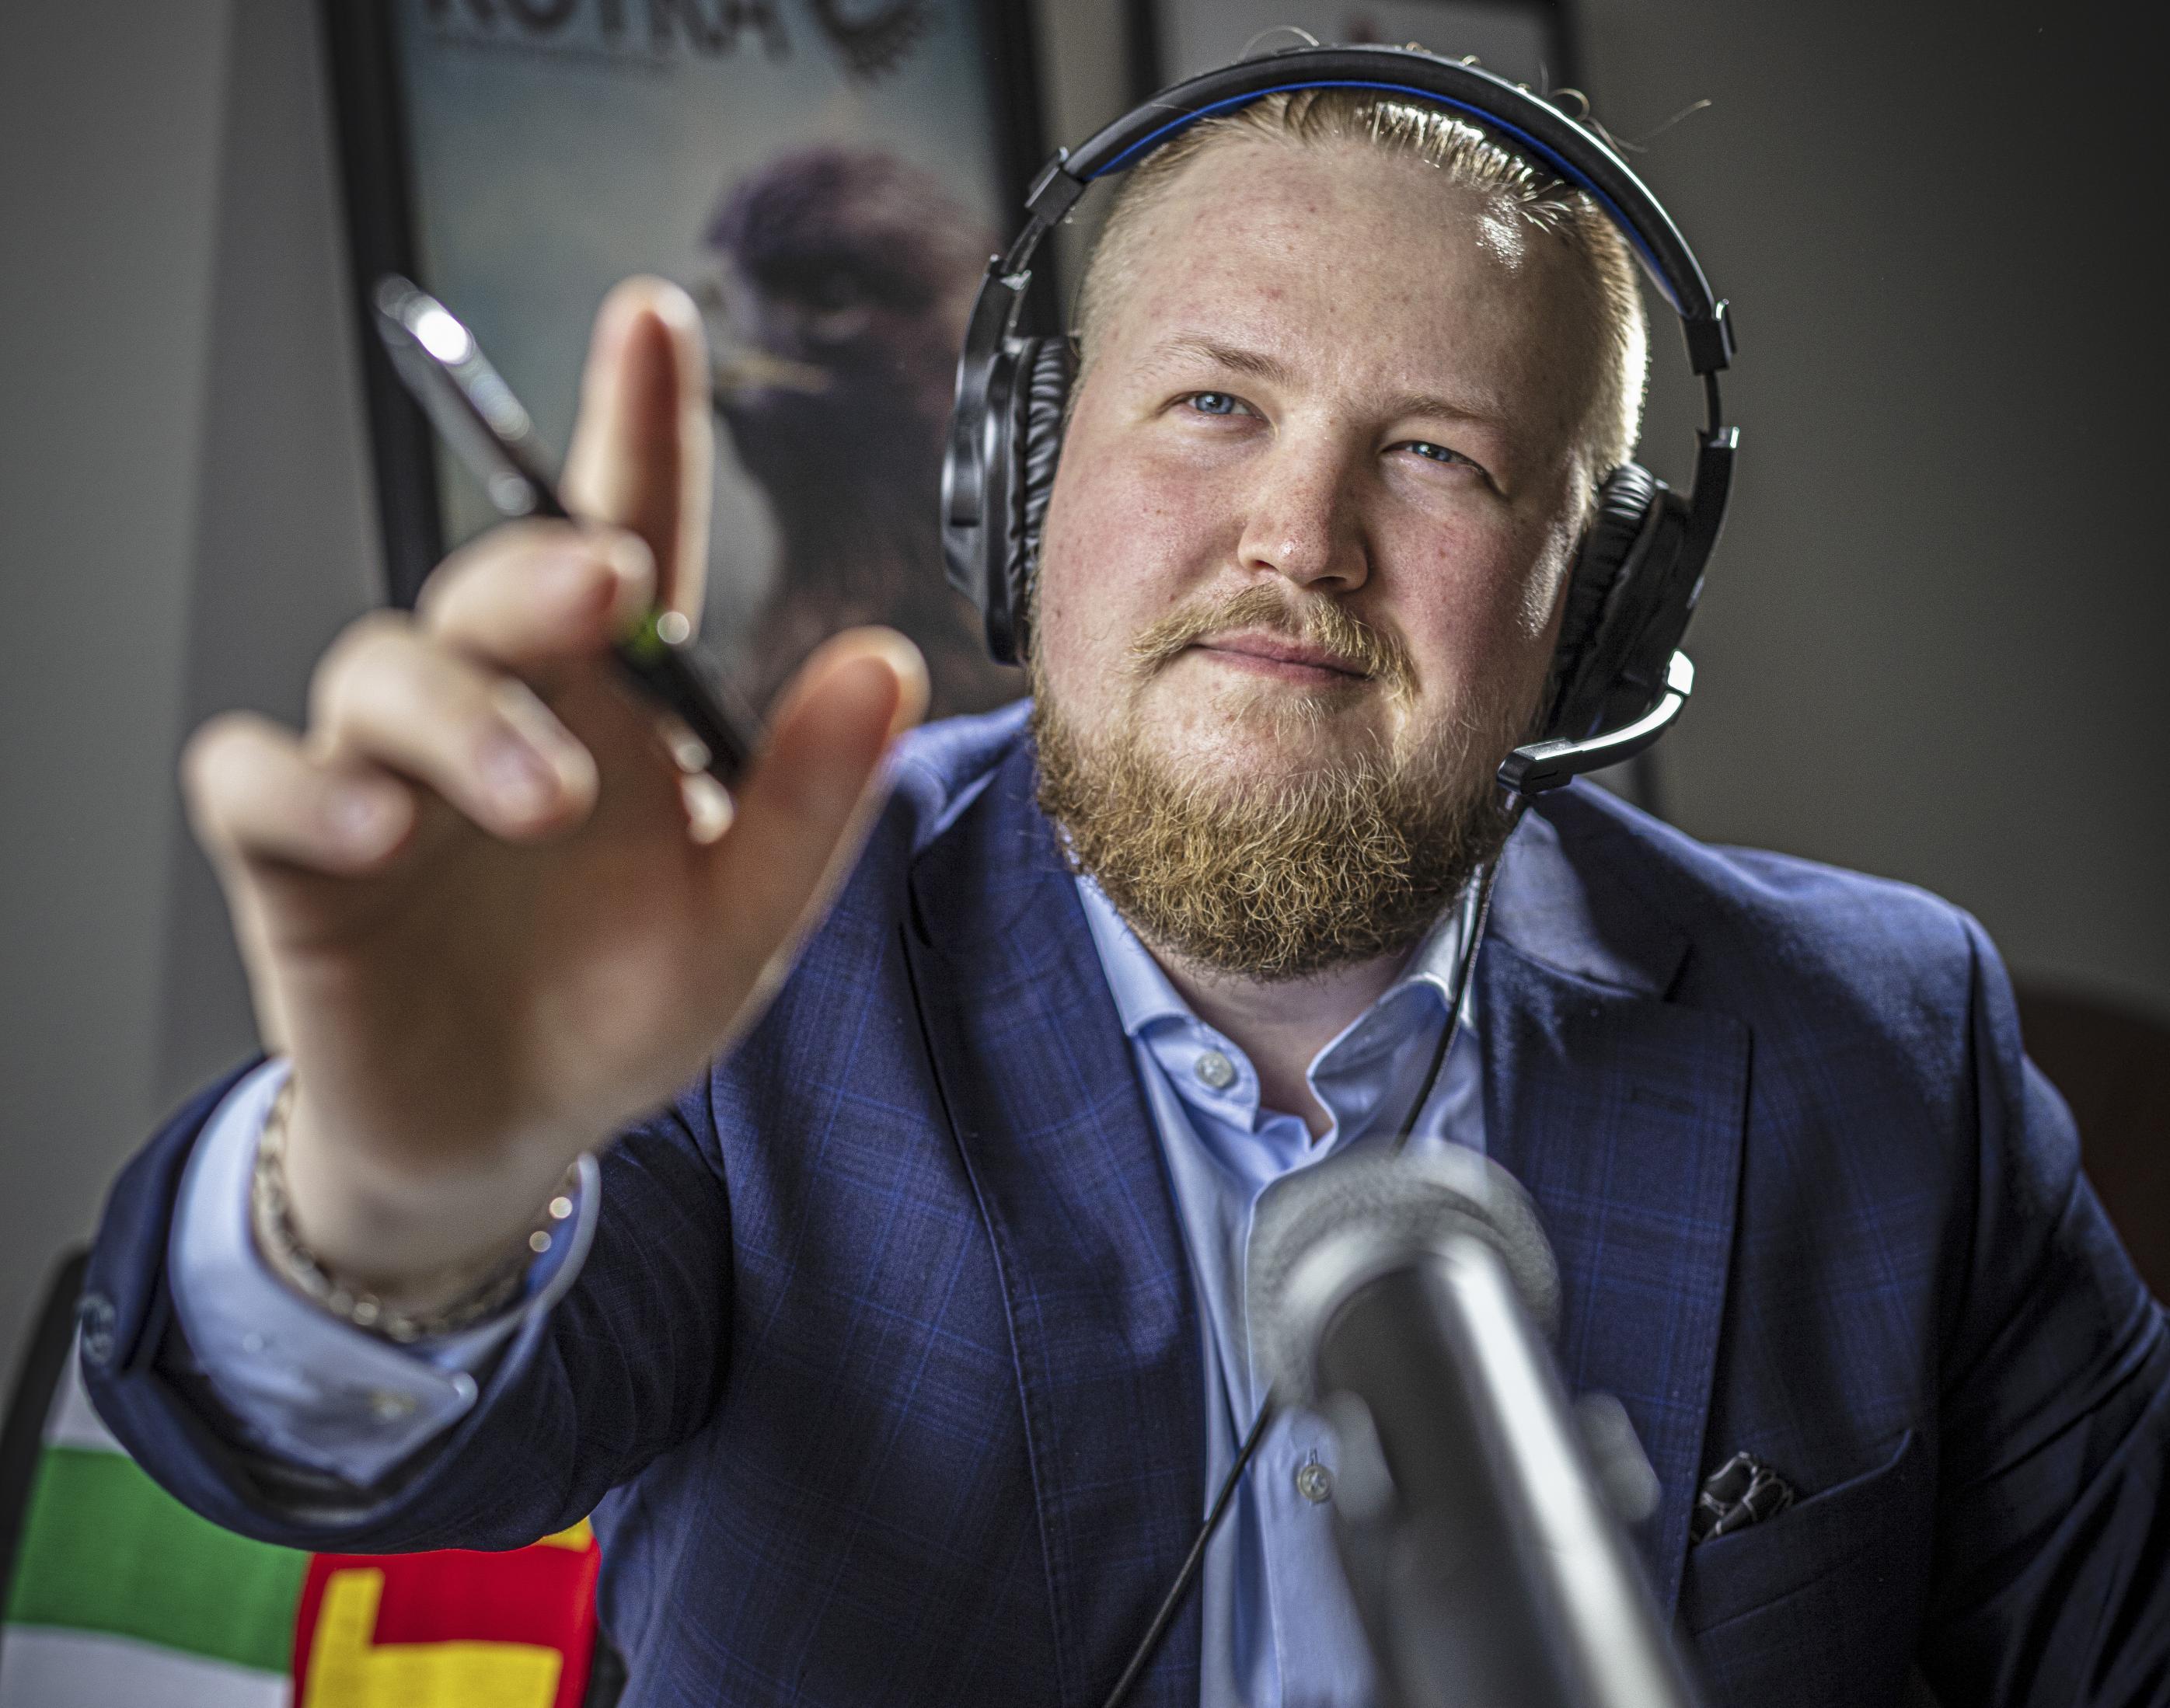 Omilleen muuttanut nuori aikuinen hakee yhteisöä, johon kiinnittyä. Lifländerin mukaan ammattiyhdistys voi olla siinä merkittävänä apuna. Uusi maisema haltuun. Fillari on tarpeen, kun Eevert Lifländer opettelee vantaalaiseksi. Lifländer aloittaa urheilujournalismin opinnot Helsingissä.